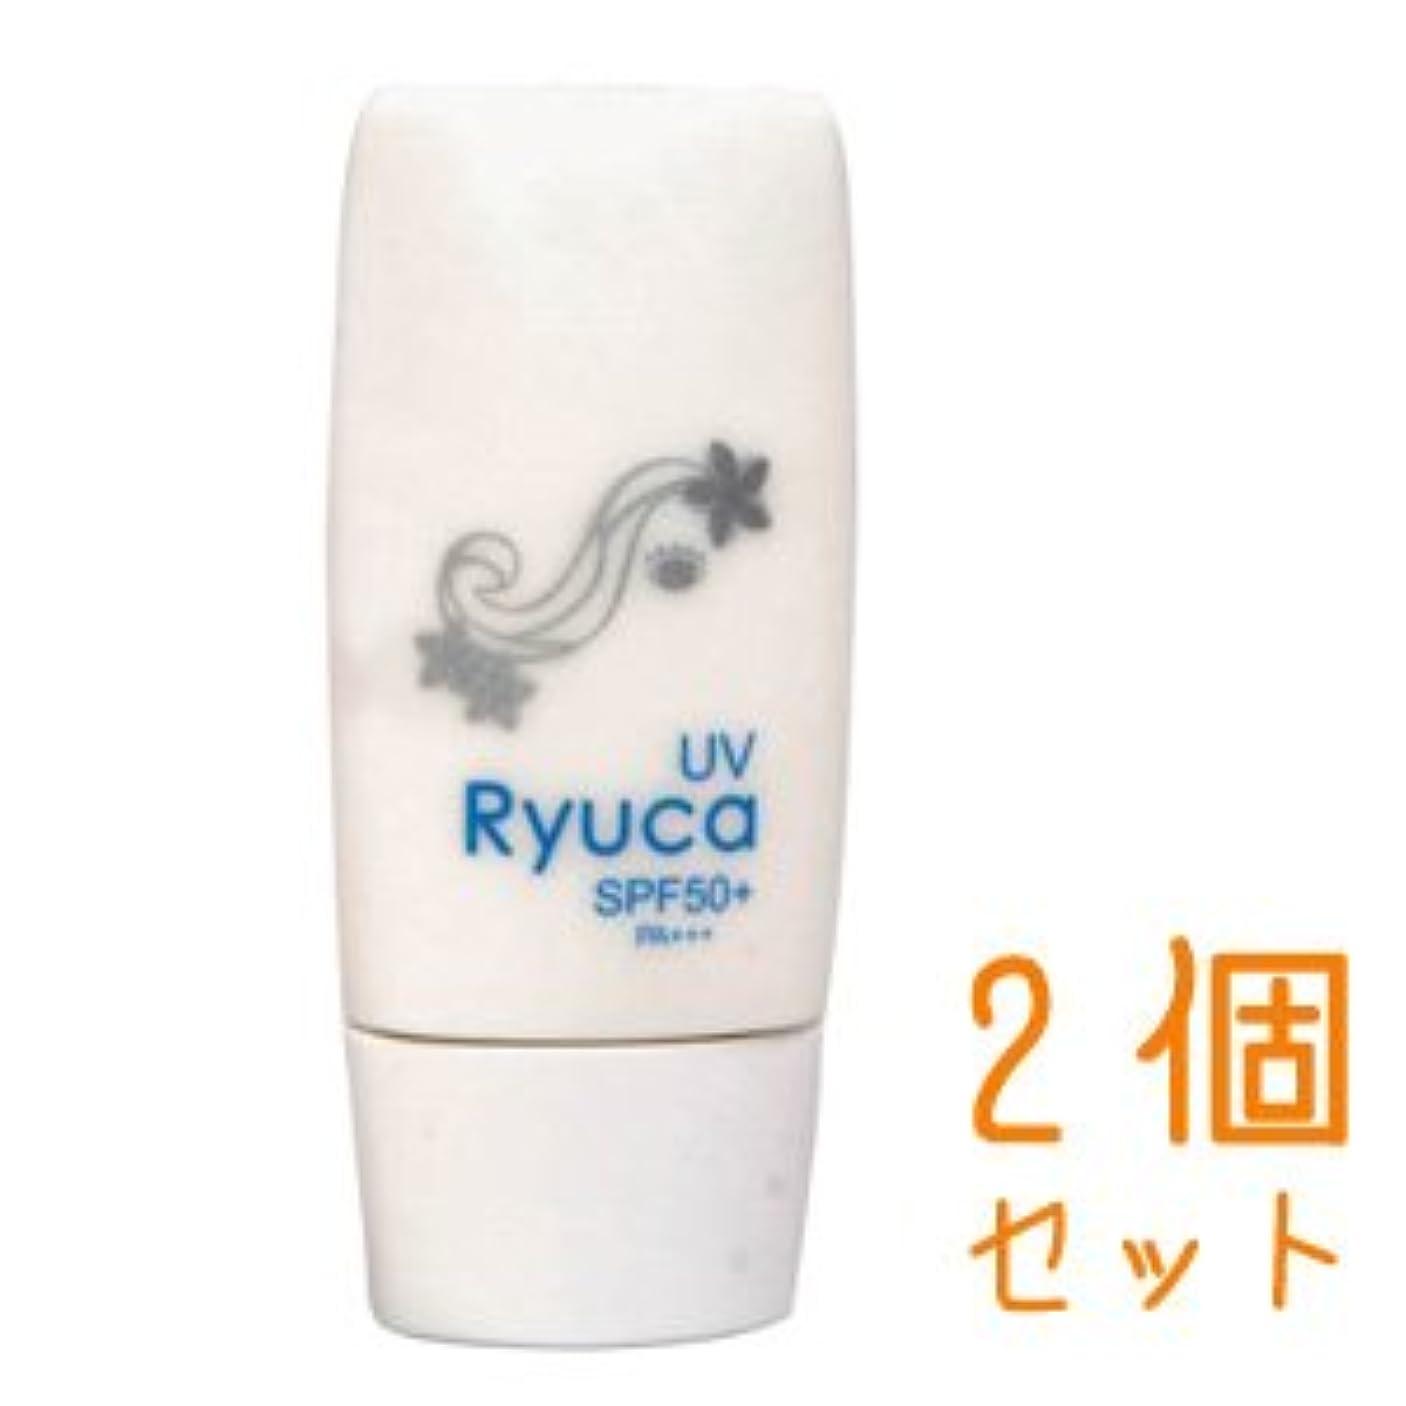 日焼け止め 琉香UVミルク SPF50 30ml×2個